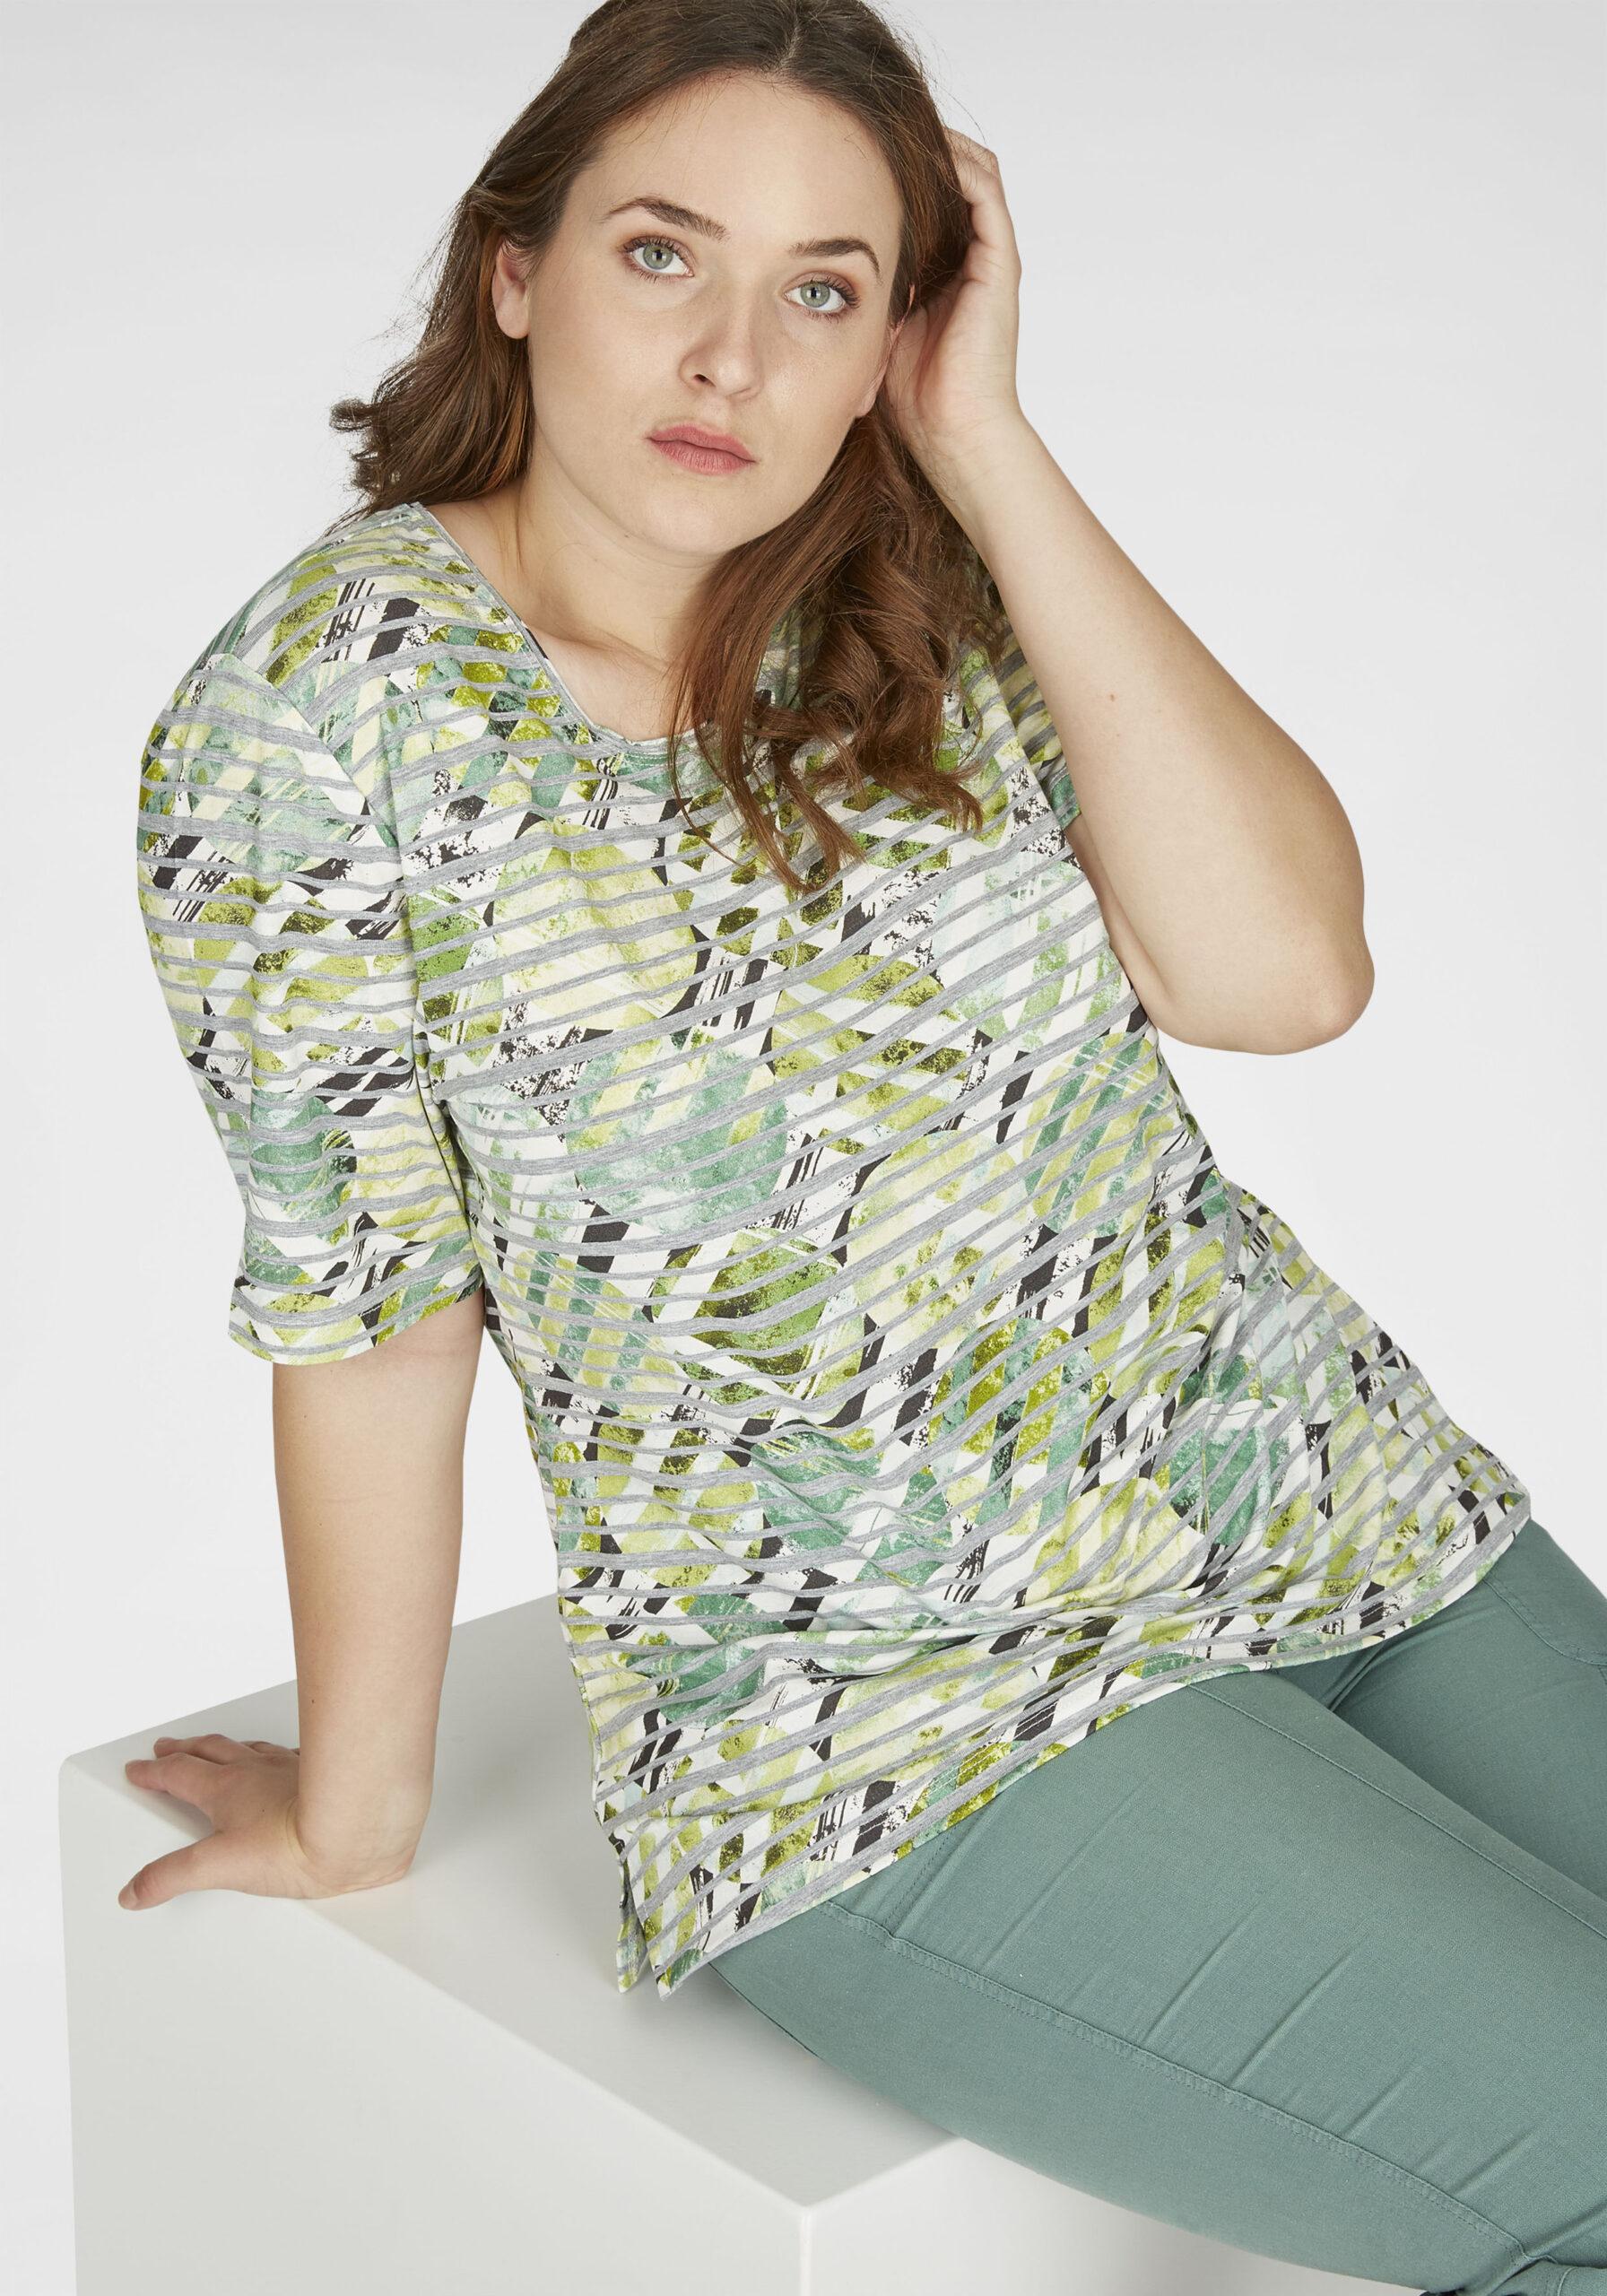 Damen Shirt mit Kreis-Design in großen Größen grün